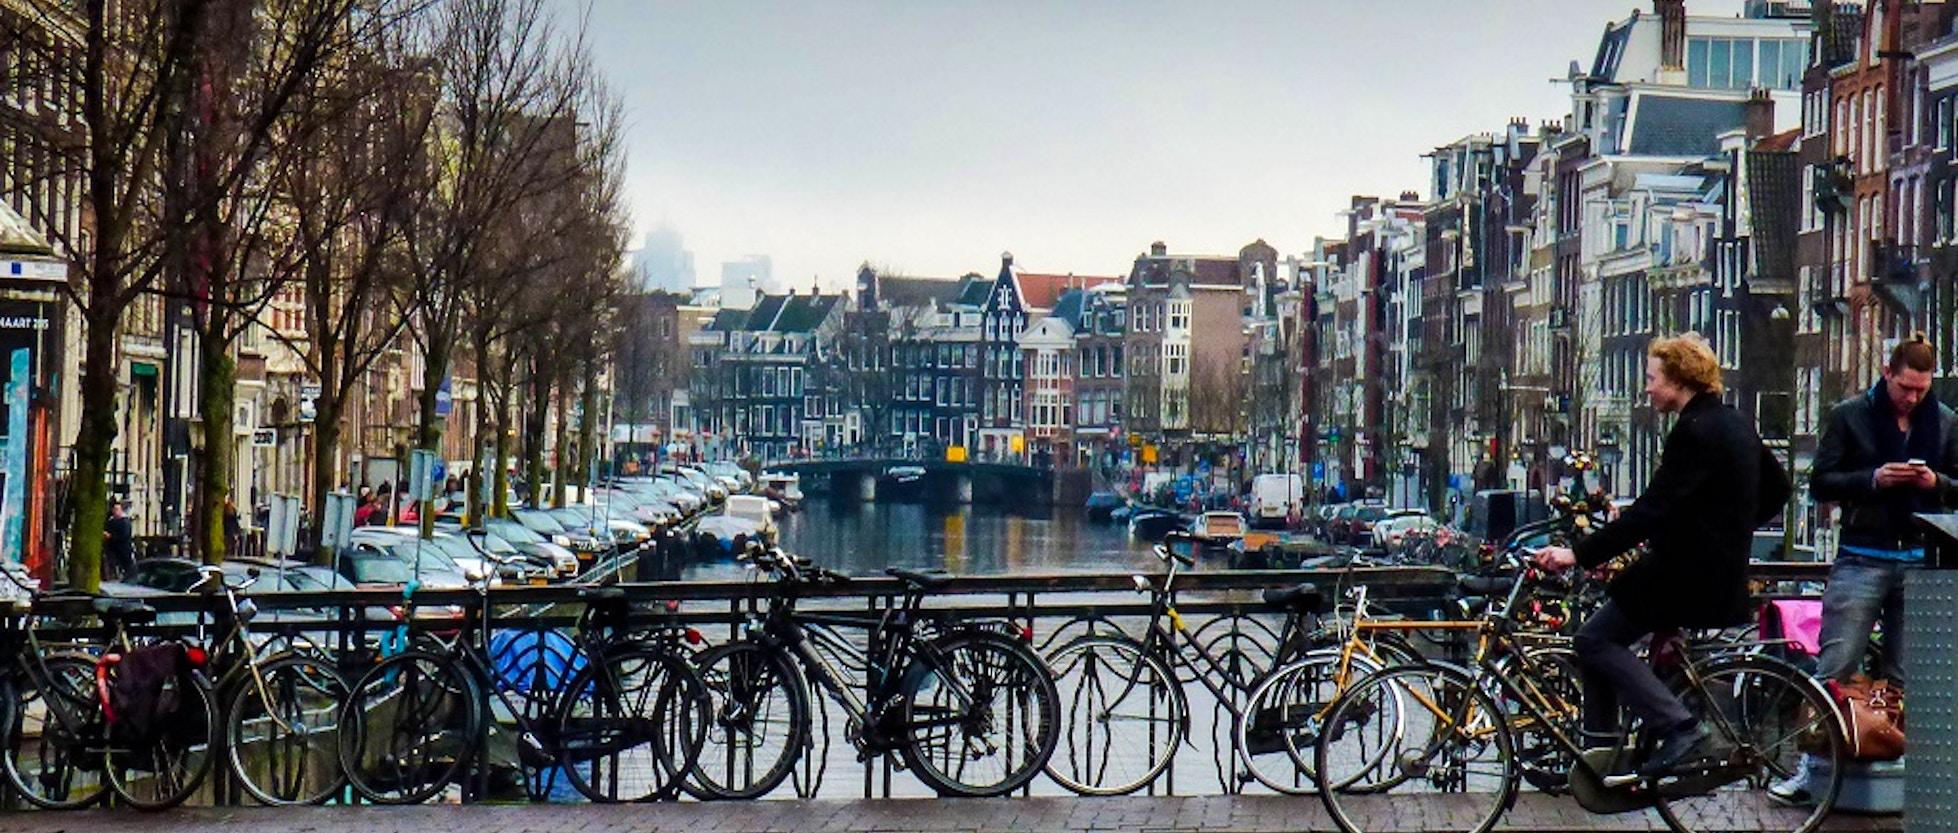 Cosa fare ad amsterdam a febbraio vivi amsterdam for Amsterdam vacanza